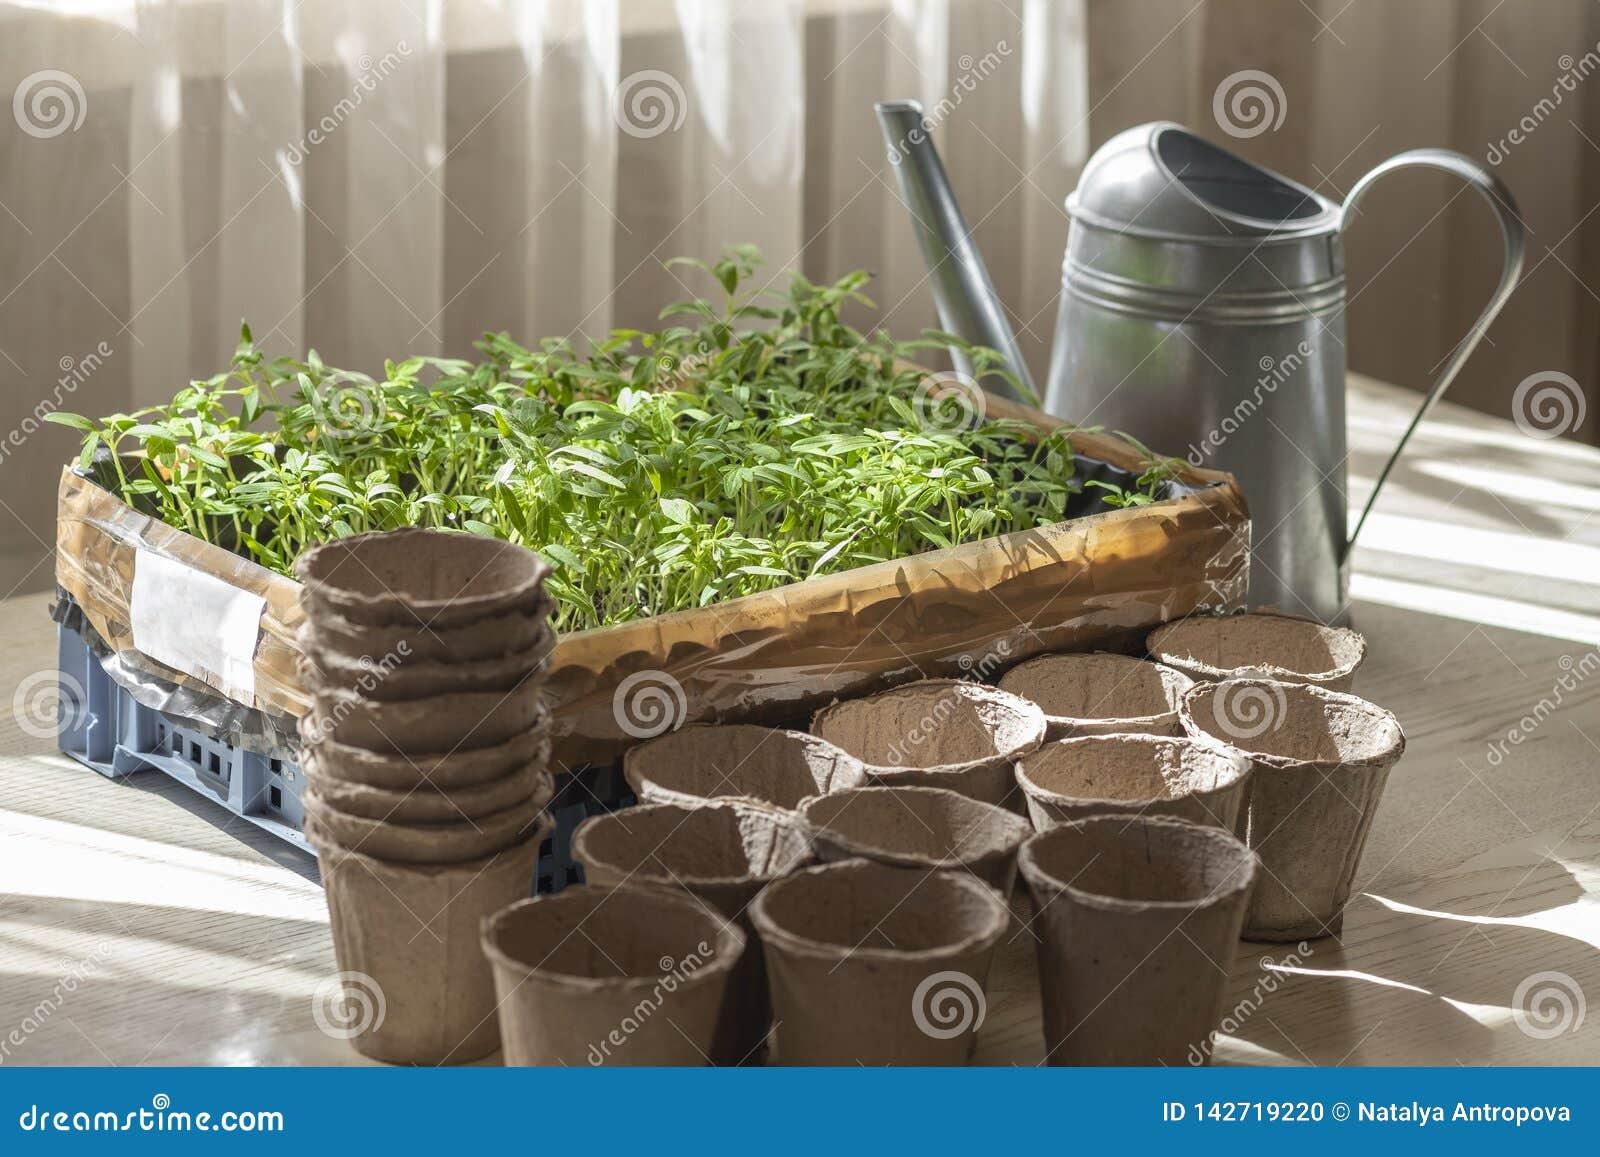 Η προετοιμασία για τη φύτευση των σποροφύτων ντοματών, ενός κιβωτίου μ